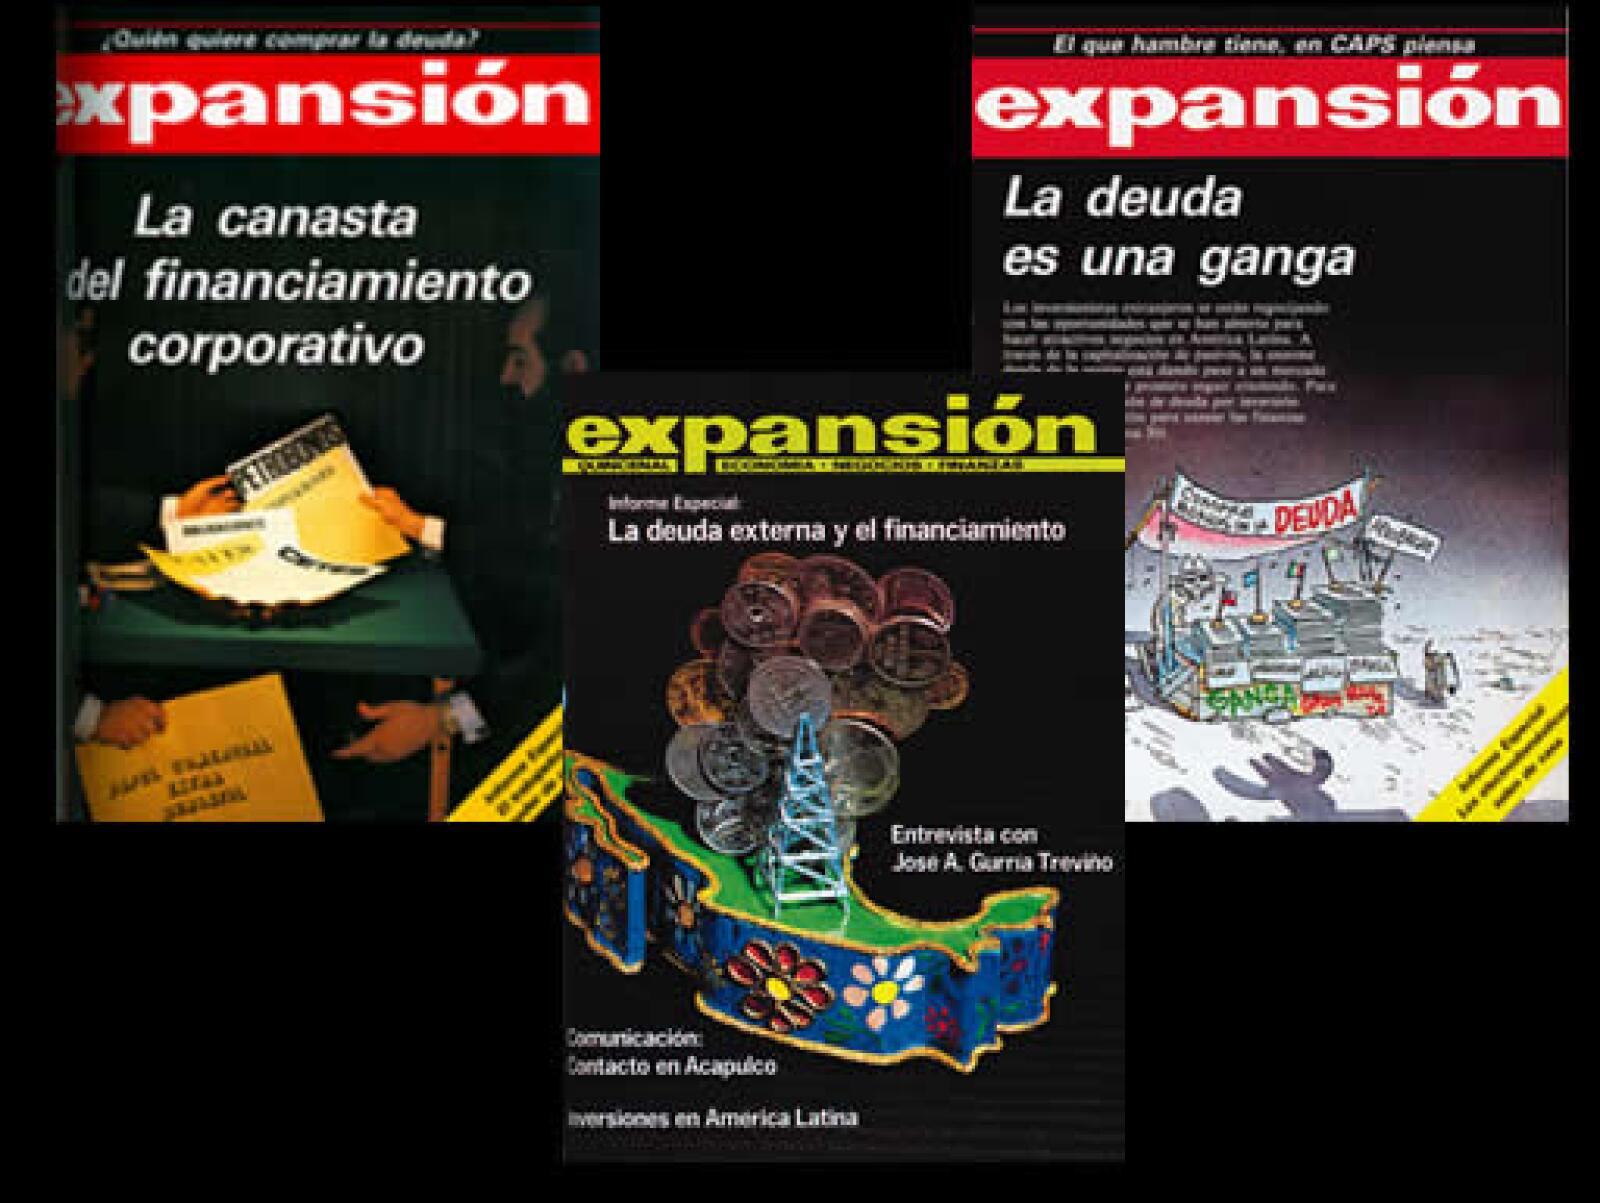 Los temas de la deuda y el financiamiento fueron tratados tantas veces como fue necesario en plena década de los 80, como se ve en estas portadas de 1980 (centro), 1986 (izq) y 1987 (der).